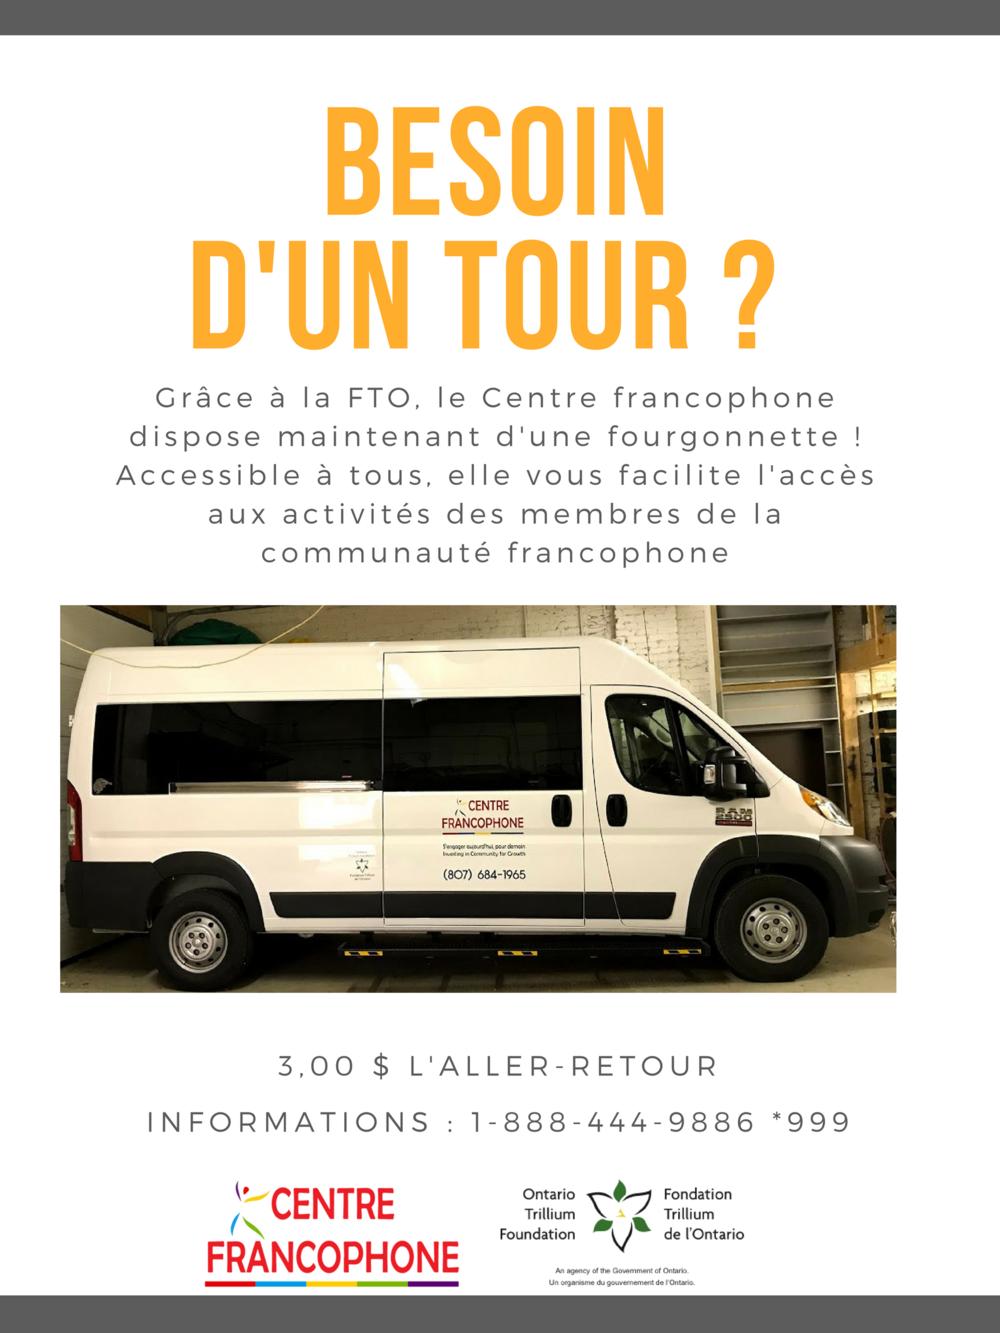 Grâce à la subvention de la Fondation Trillium de l'Ontario, le Centre francophone a fait l'achat d'une fourgonnette !.png